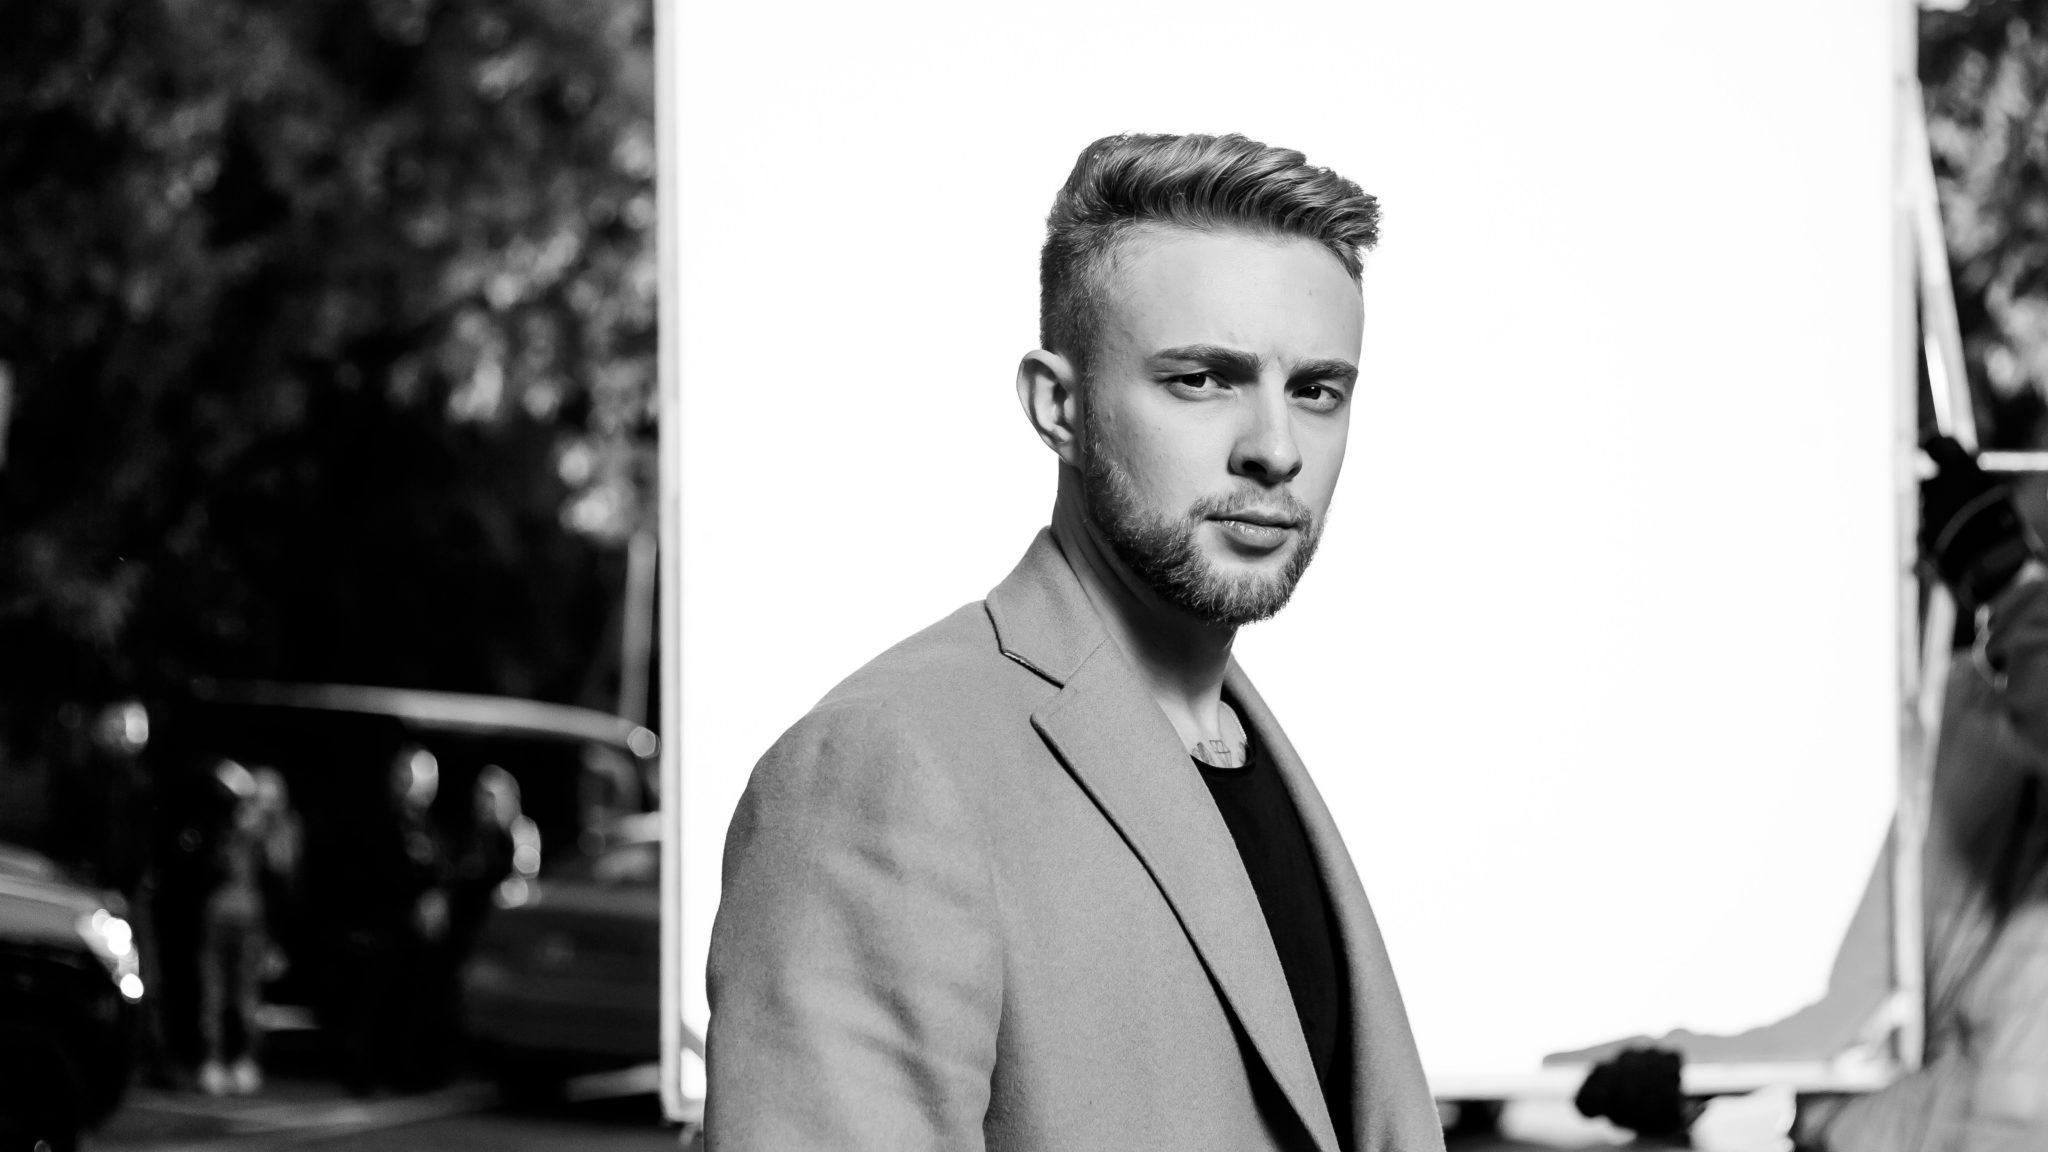 Егор Крид (Егор Булаткин): Биография артиста